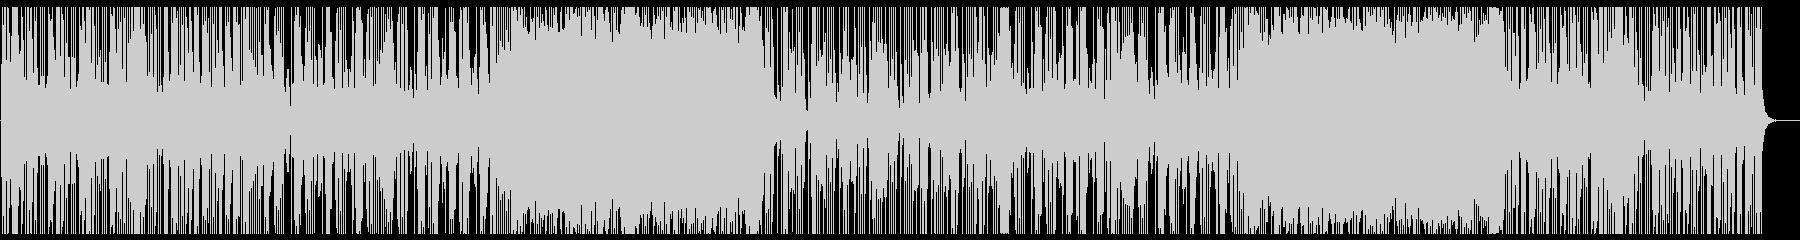 【メロ抜き】アップテンポな爽やかギターロの未再生の波形